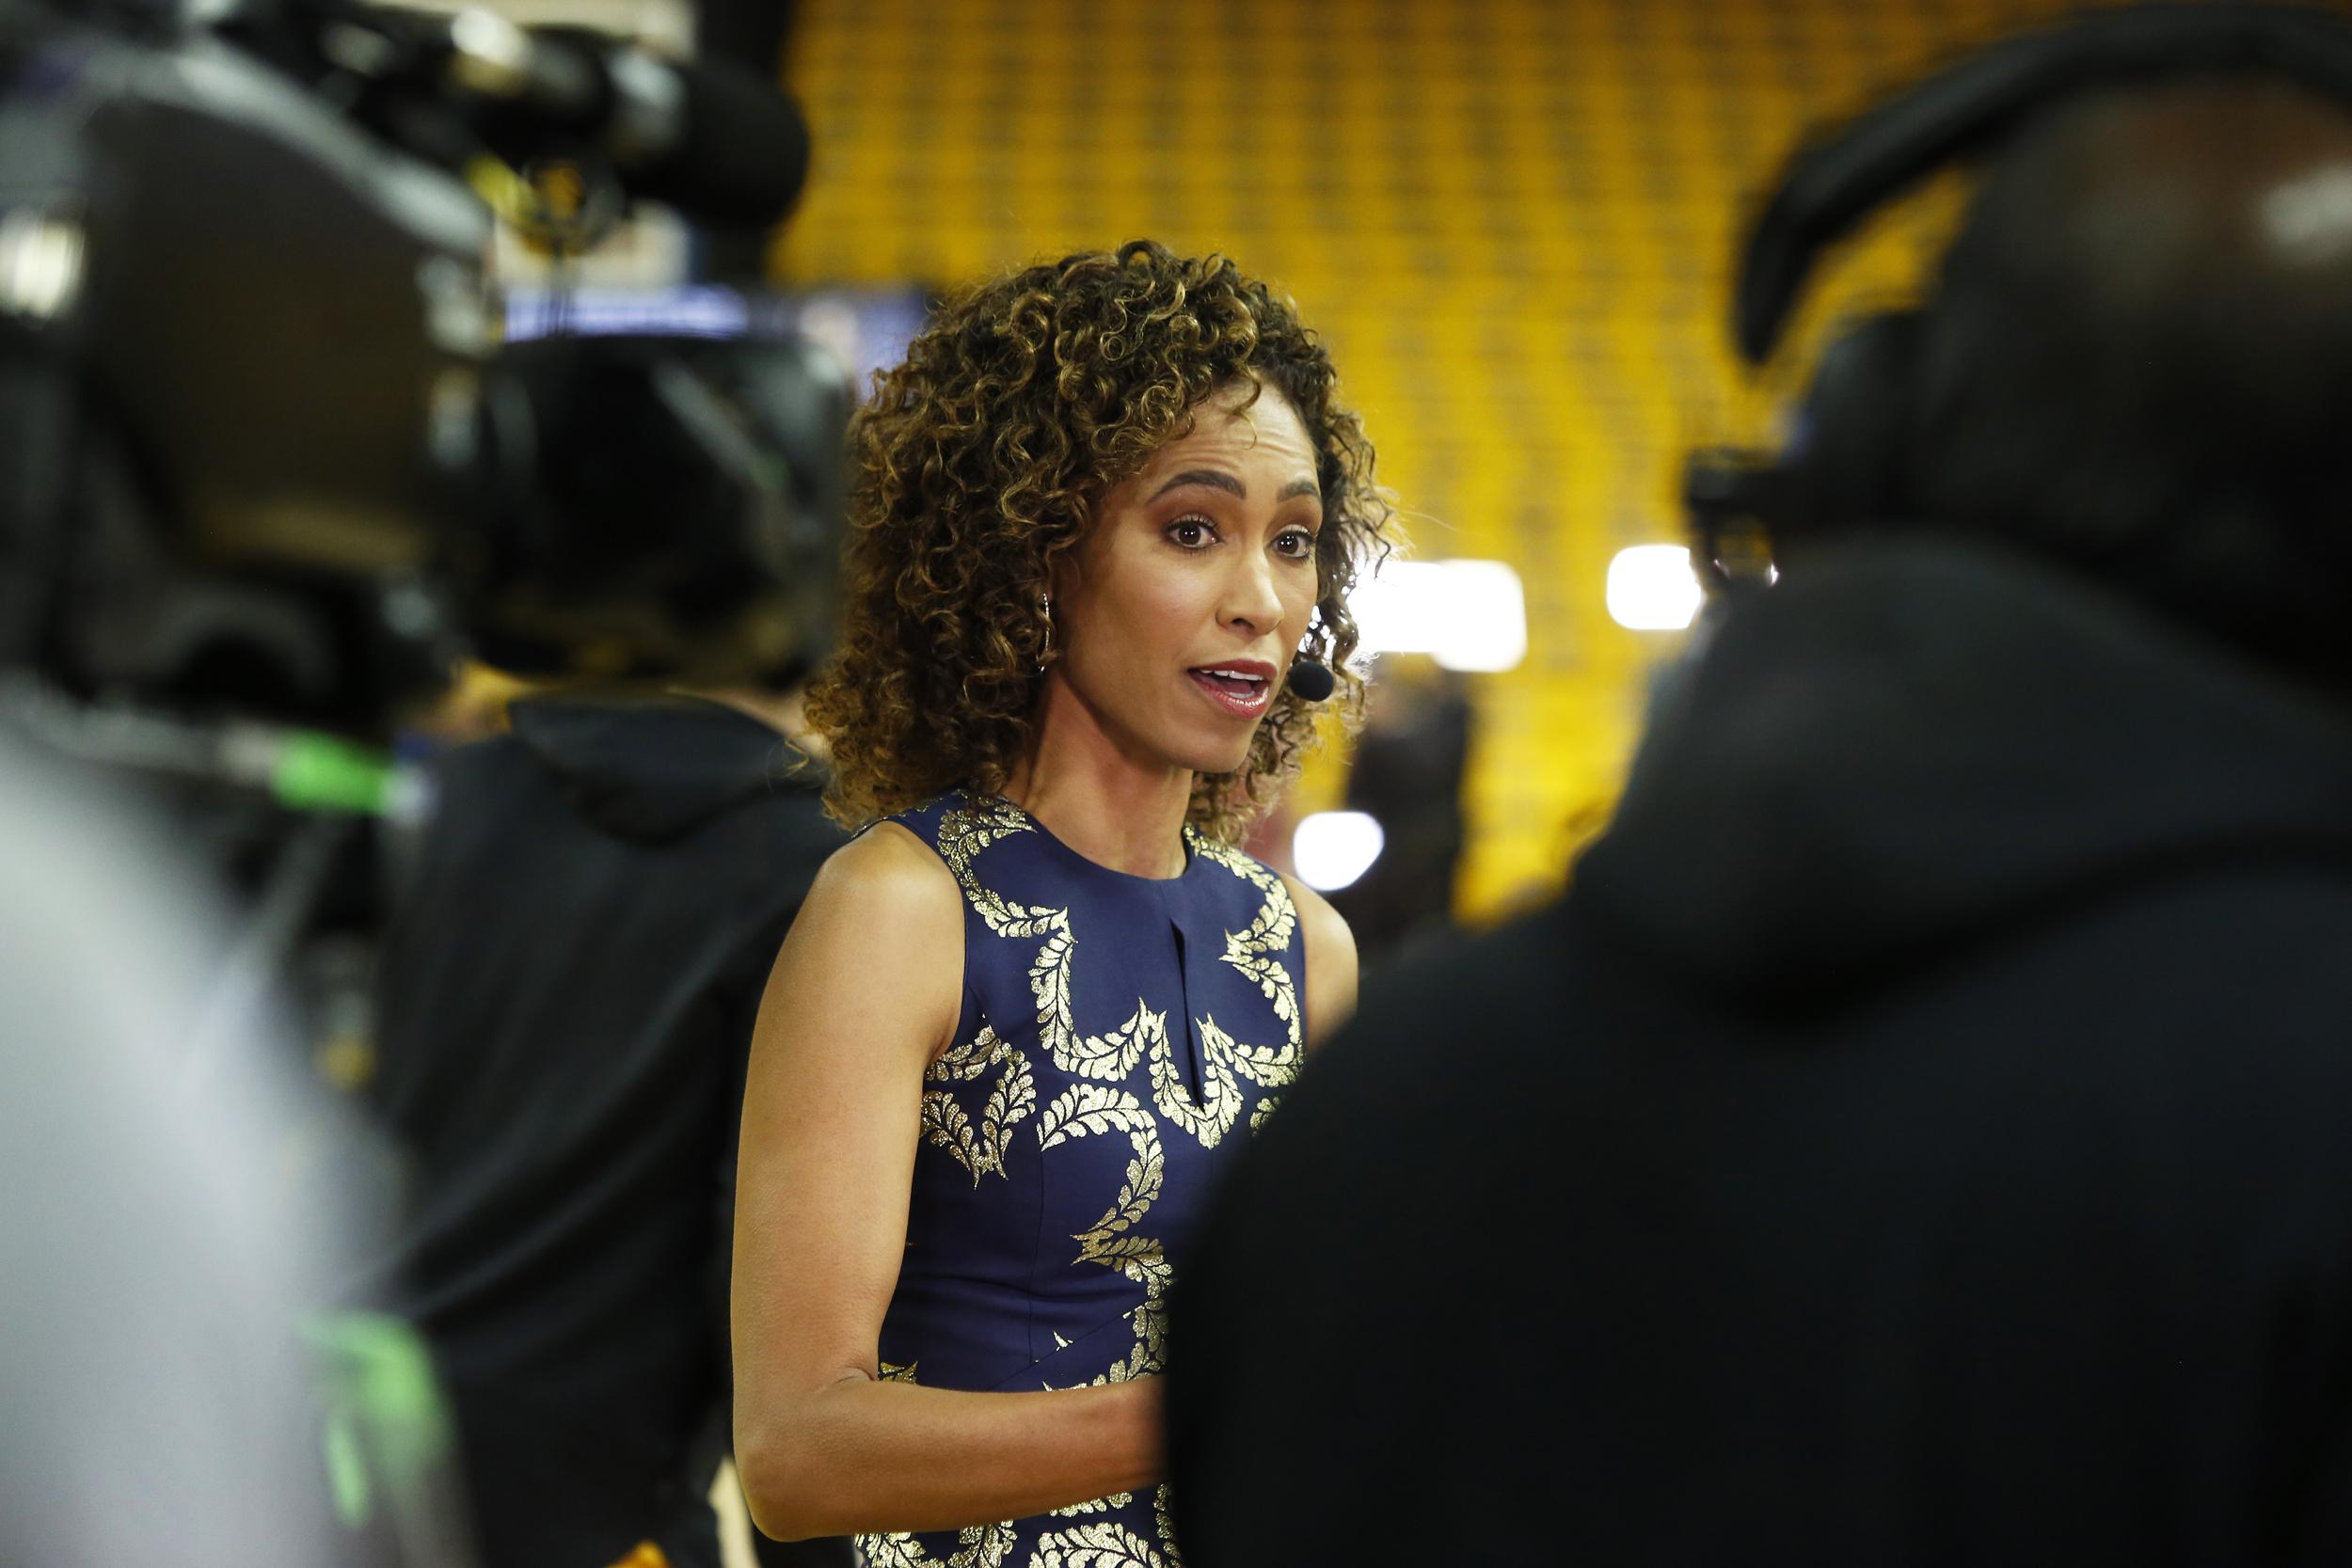 ESPN sidelines Sage Steele after comments on network's vaccine mandate, Barack Obama